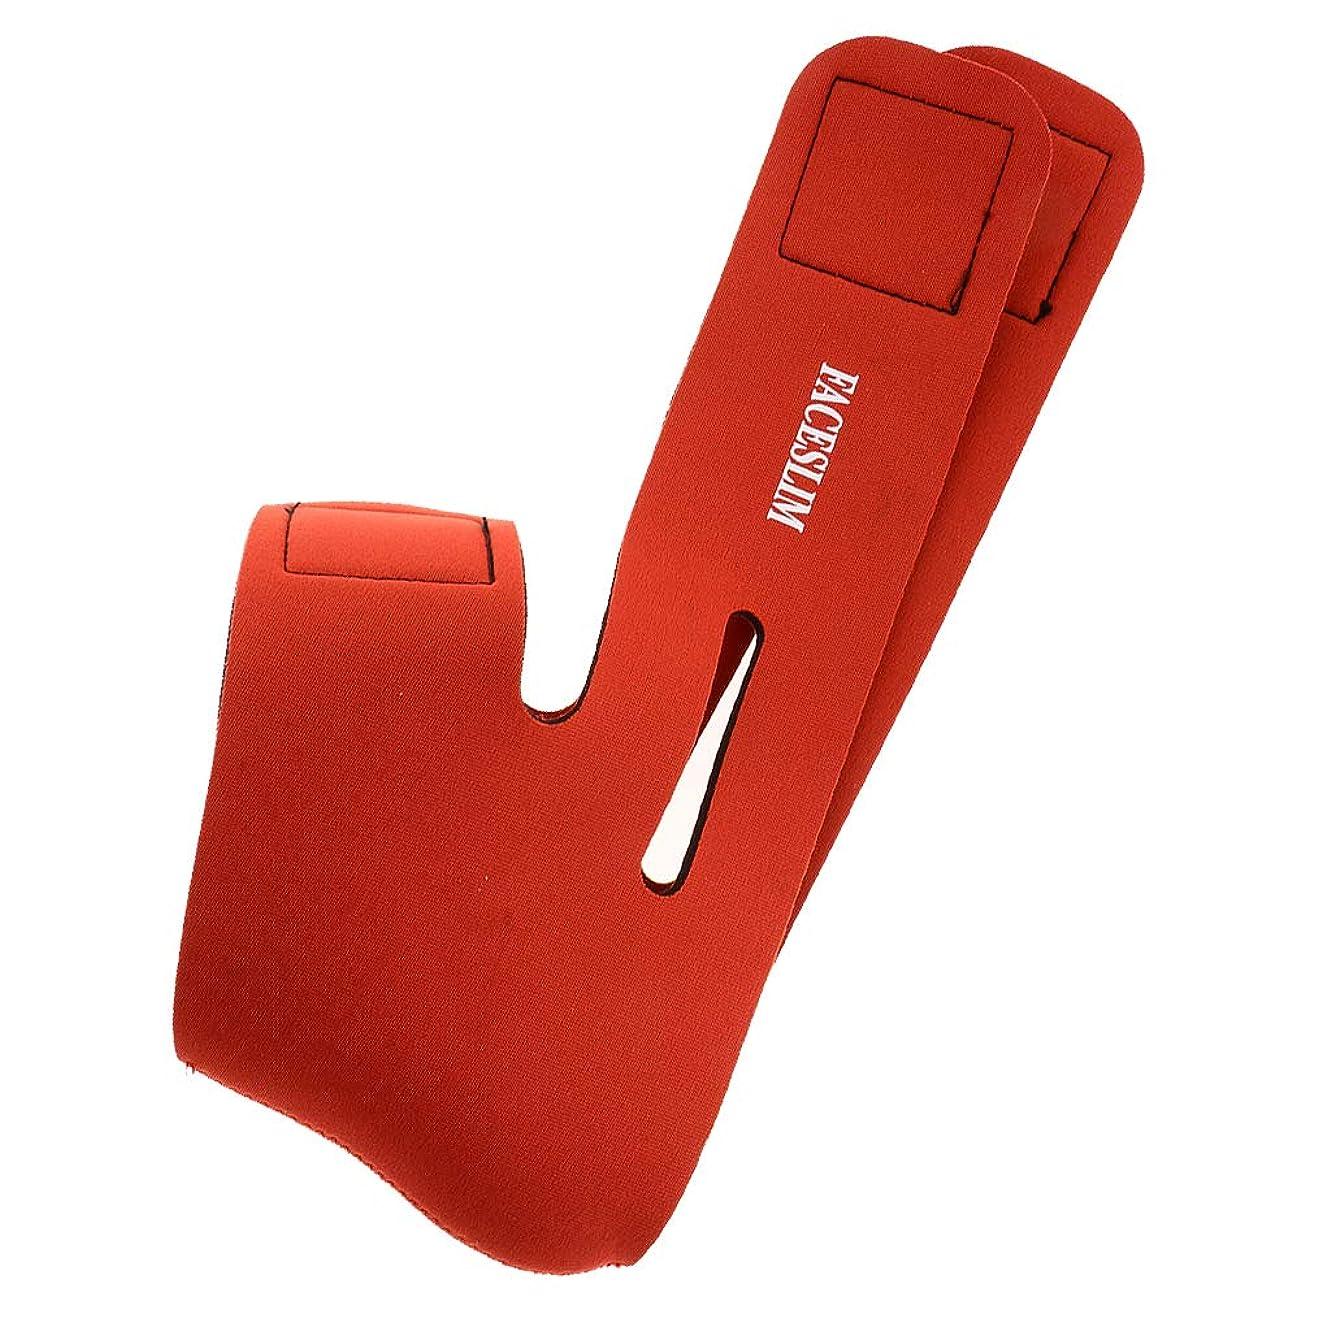 封建最大の牽引SM SunniMix フェイスベルト リフトアップ 小顔サポーター 小顔マスク 小顔ベルト 通気 伸縮性 調節可能 全2色 - オレンジ